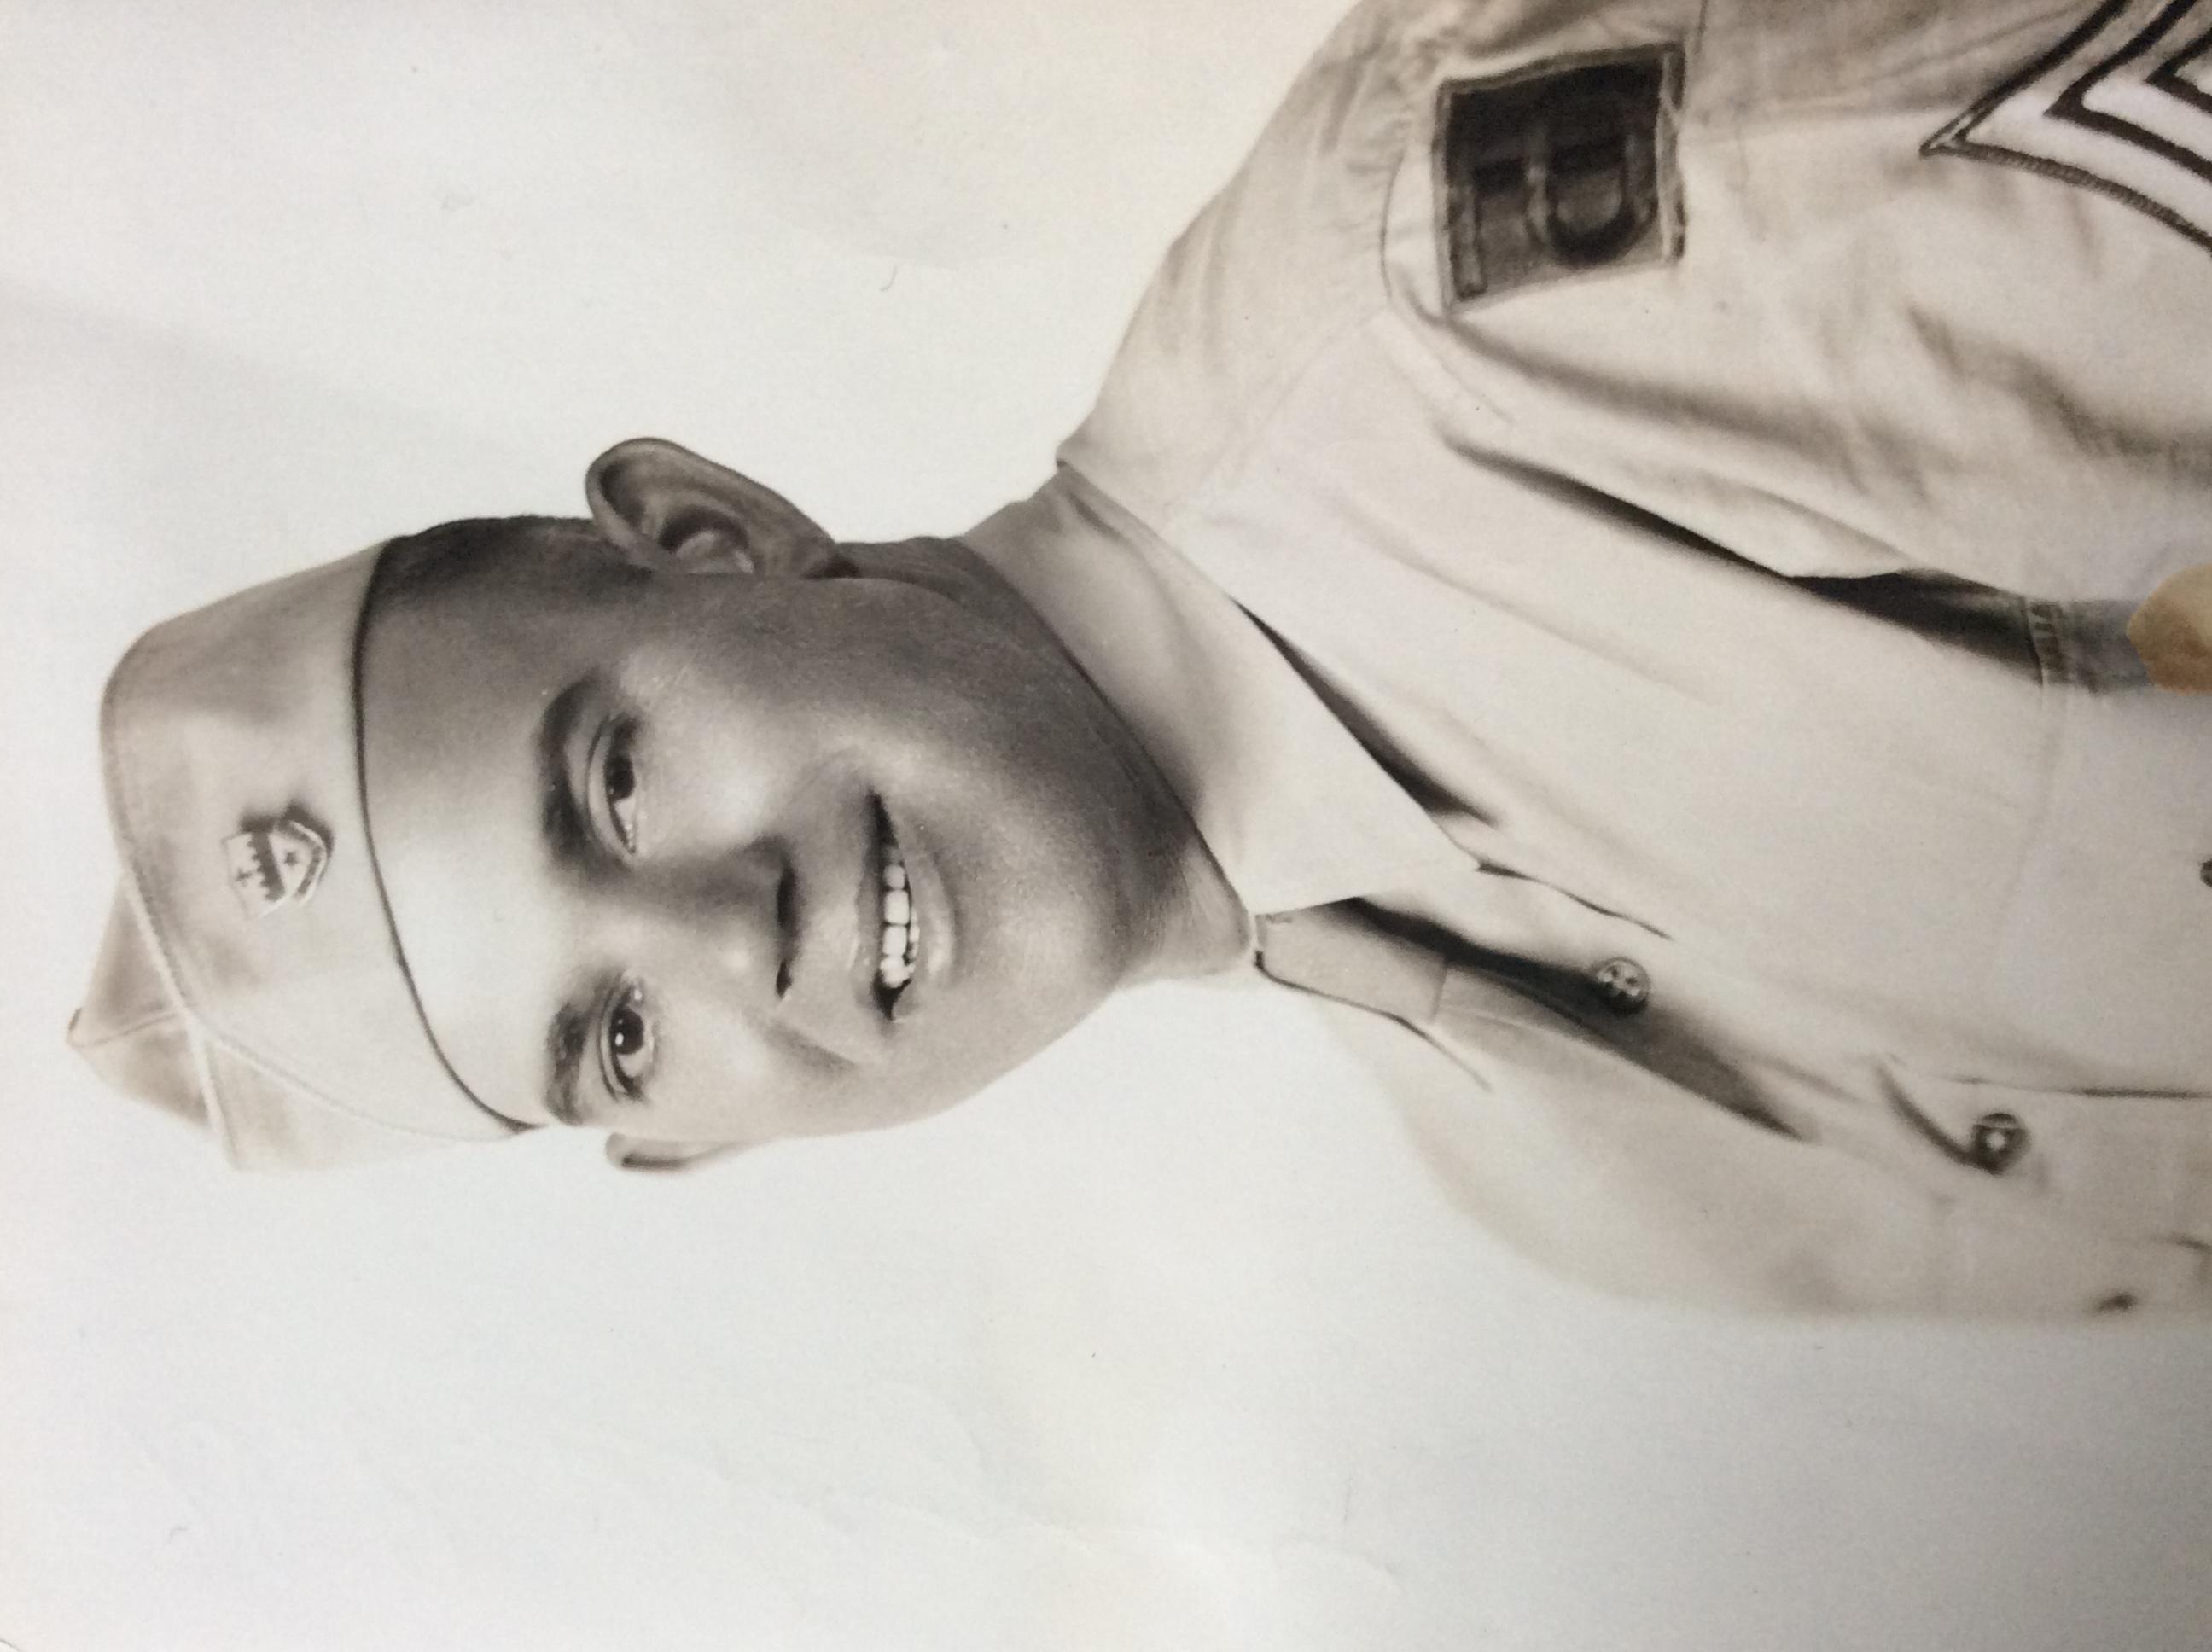 Delbert Eugene Ragan